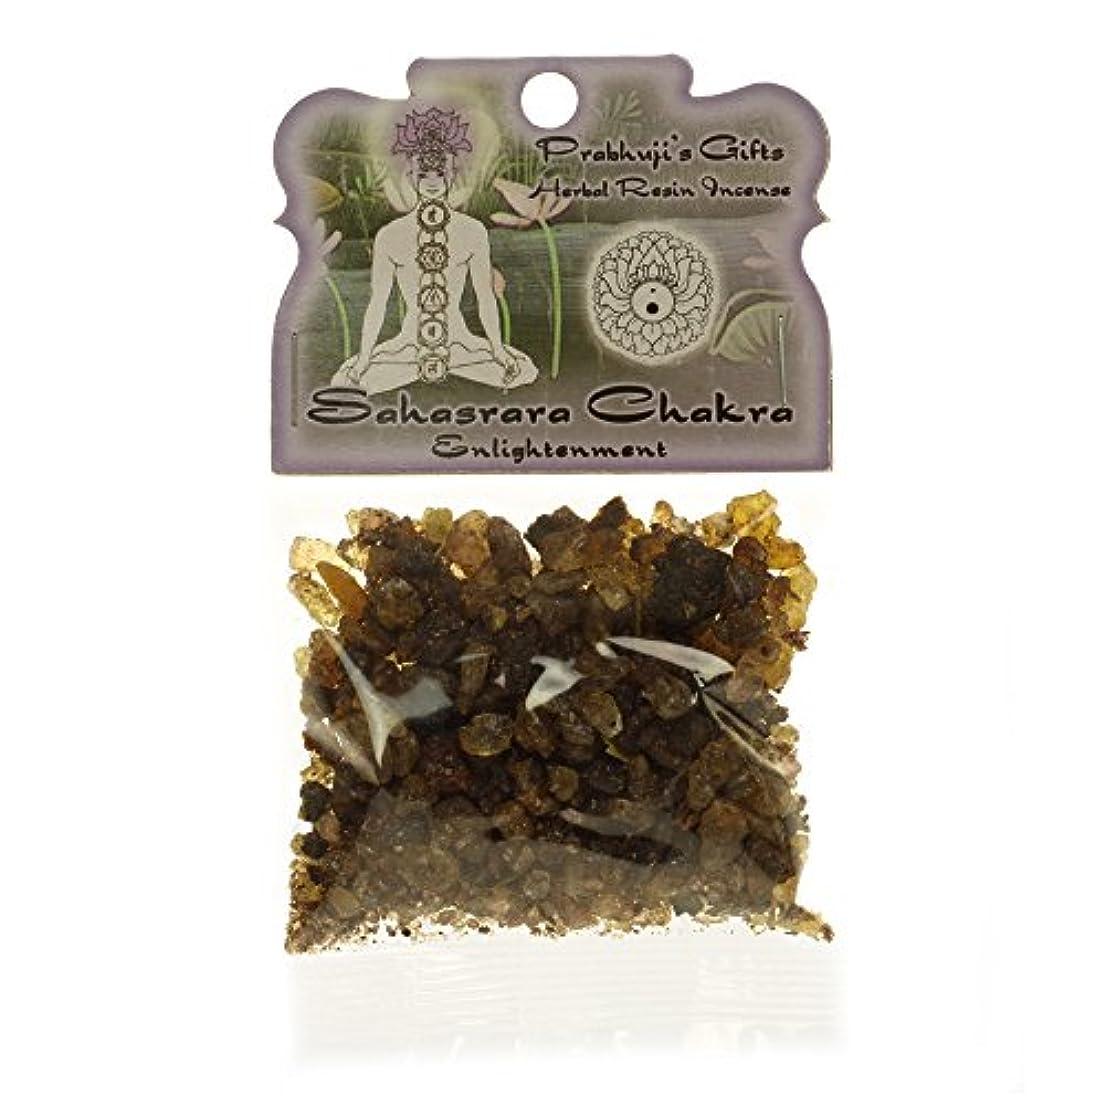 超えて火炎タイル樹脂Incense Crown Chakra Sahasrara – Enlightenment – 1.2ozバッグ